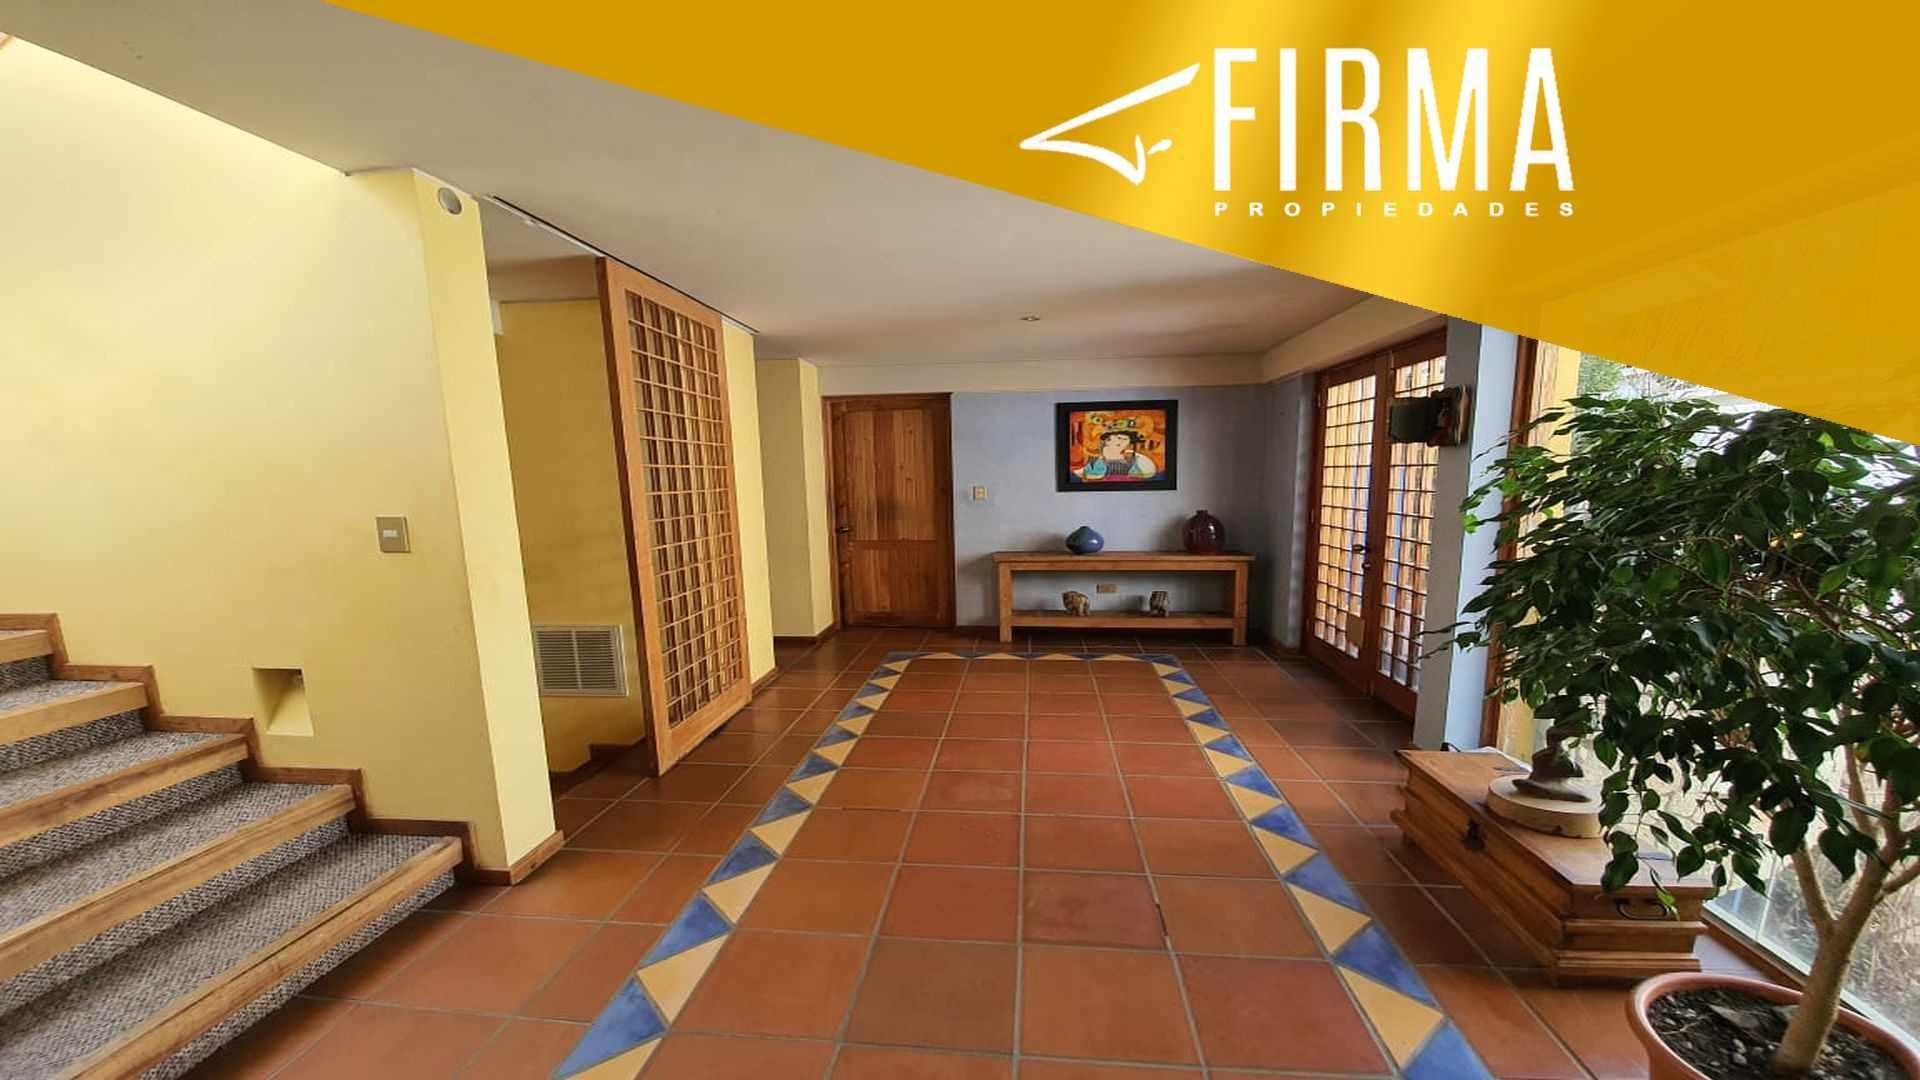 Casa en Venta COMPRA TU CASA EN ACHUMANI Foto 5